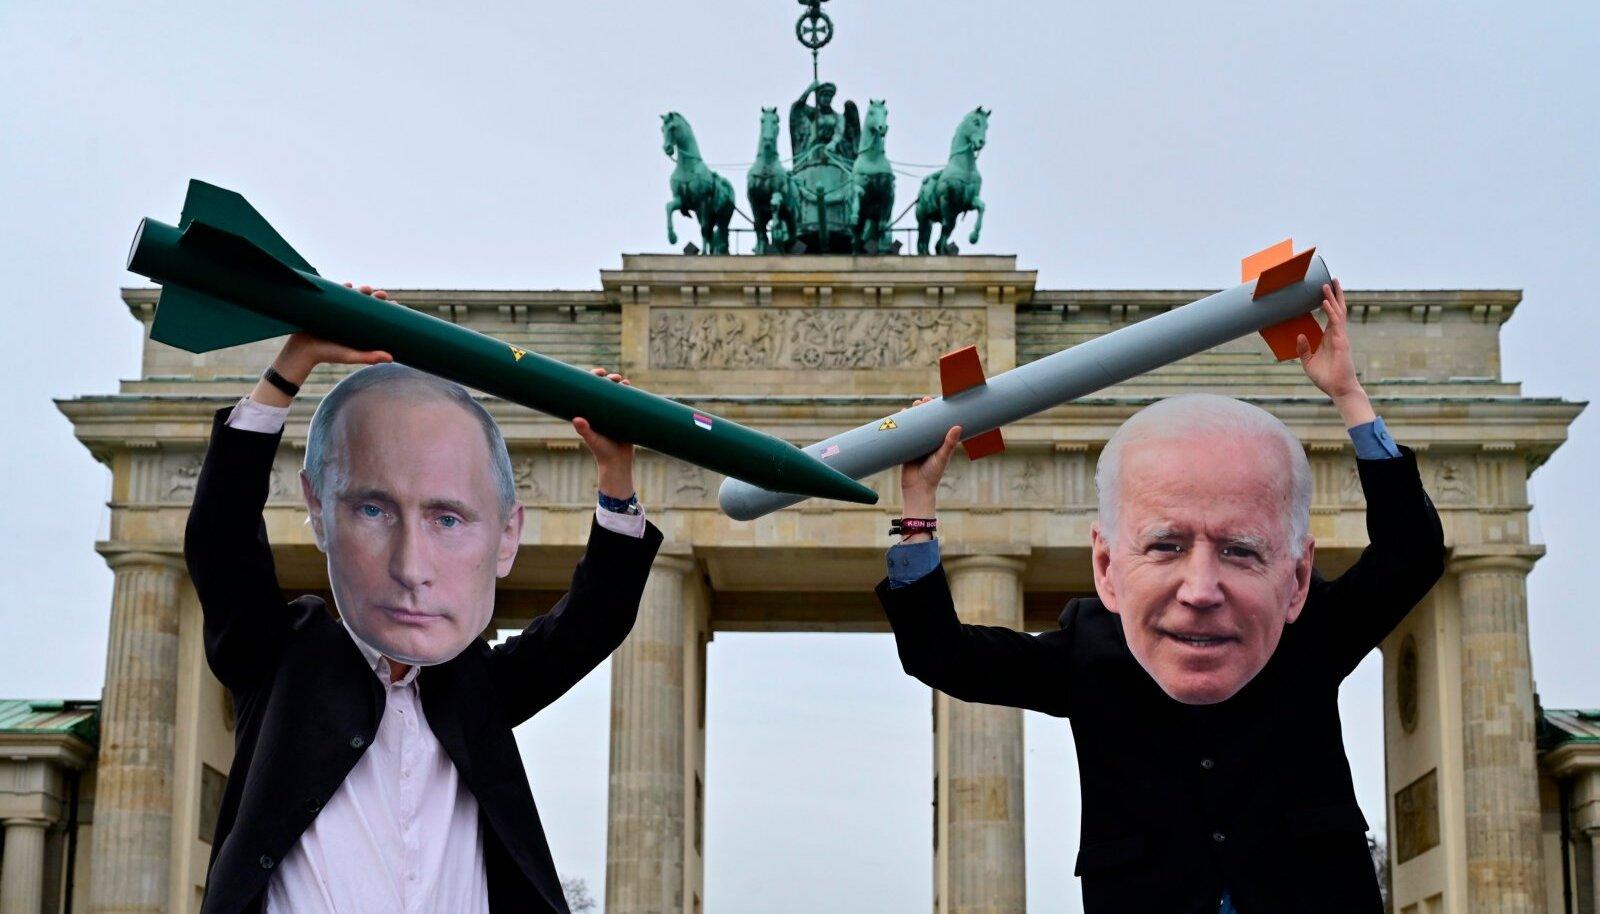 ESKALEERI-DEESKALEERI: Putini ja Bideni maske kandvad rahuaktivistid jaanuaris Berliinis Brandenburgi värava ees.